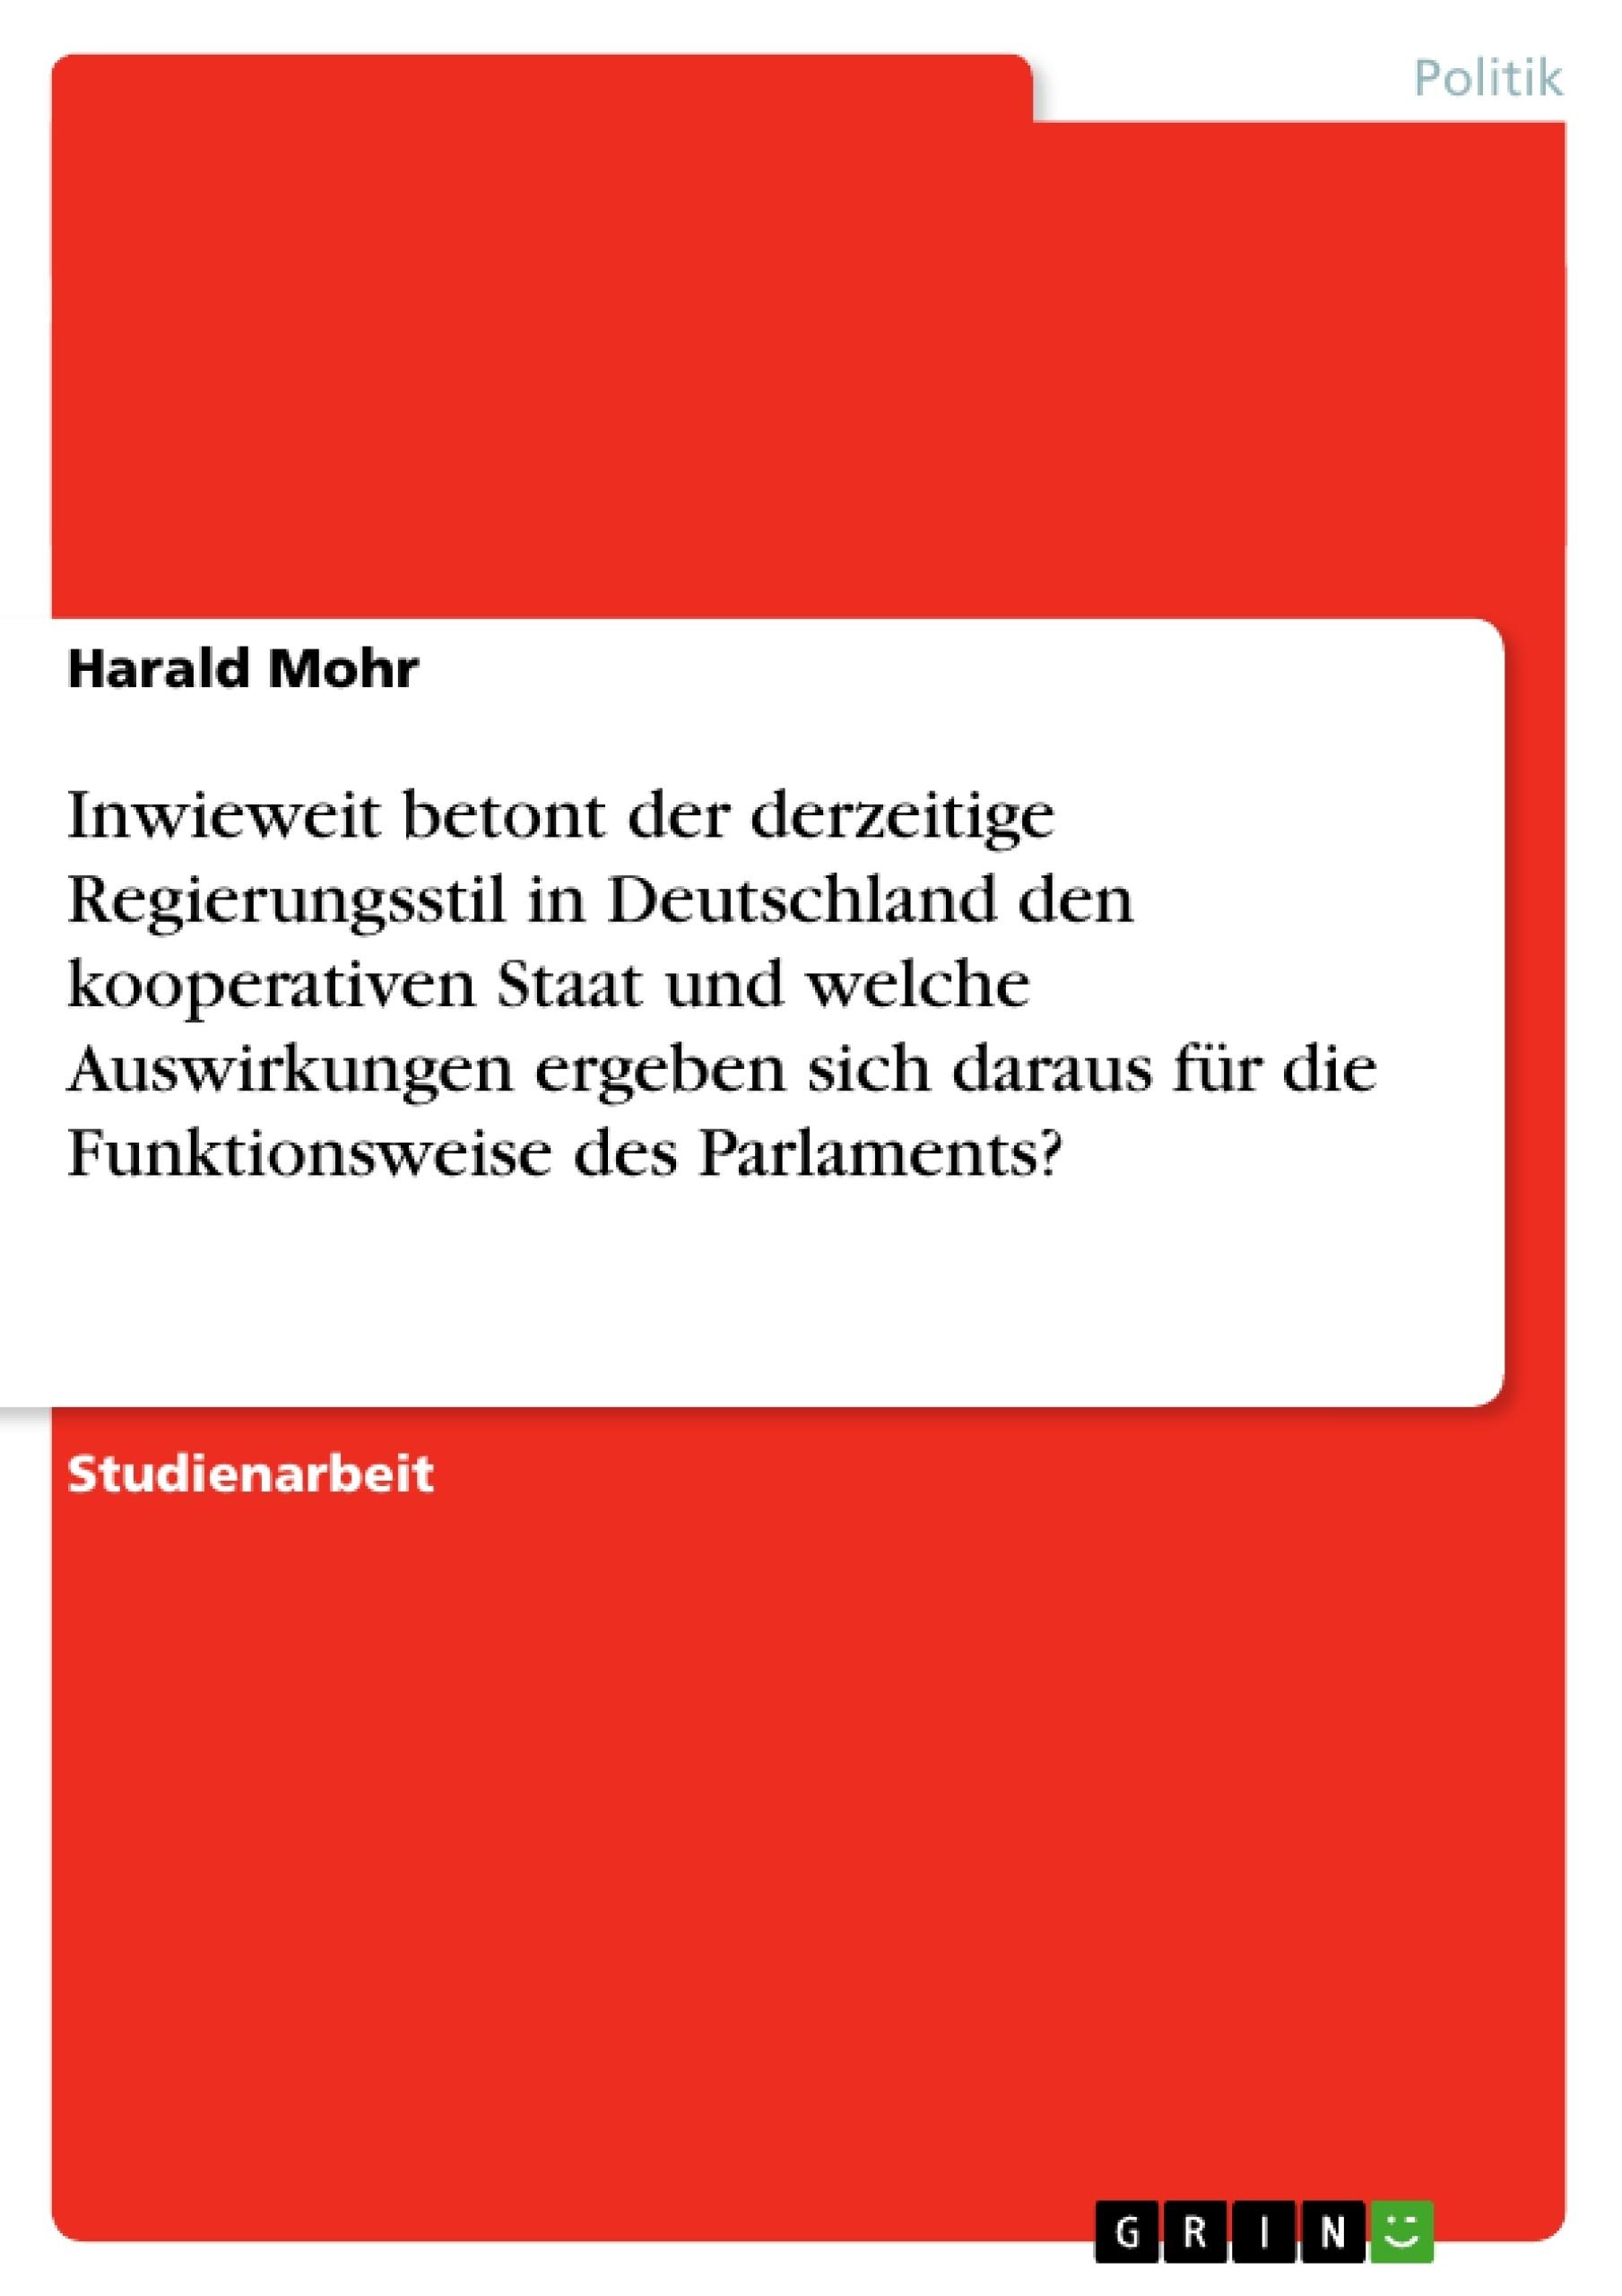 Titel: Inwieweit betont der derzeitige Regierungsstil in Deutschland den kooperativen Staat und welche Auswirkungen ergeben sich daraus für die Funktionsweise des Parlaments?